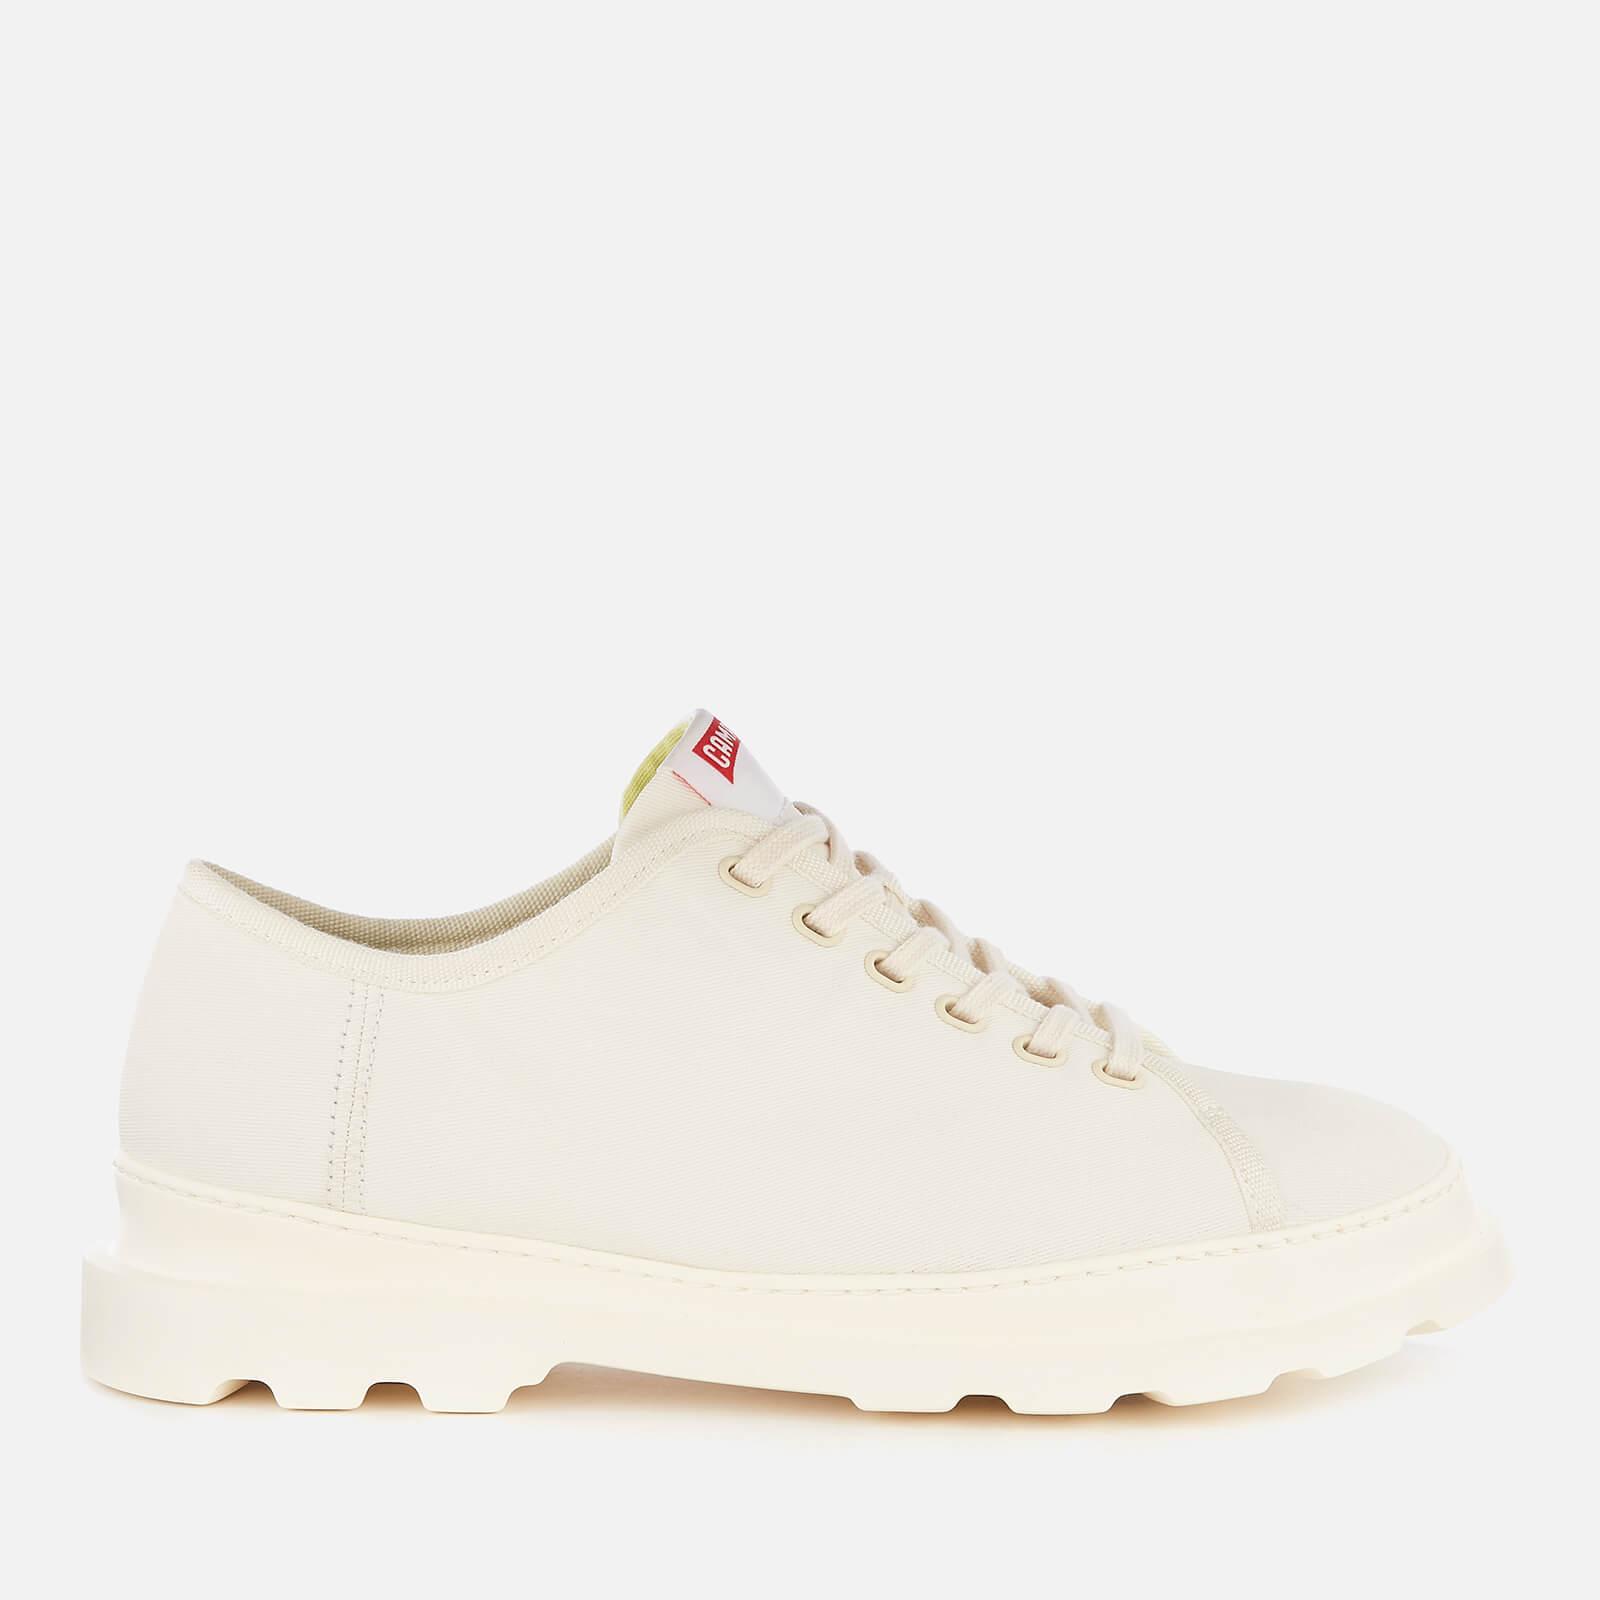 Camper Men's Brutus Canvas Shoes - Light Beige - UK 9 - Beige